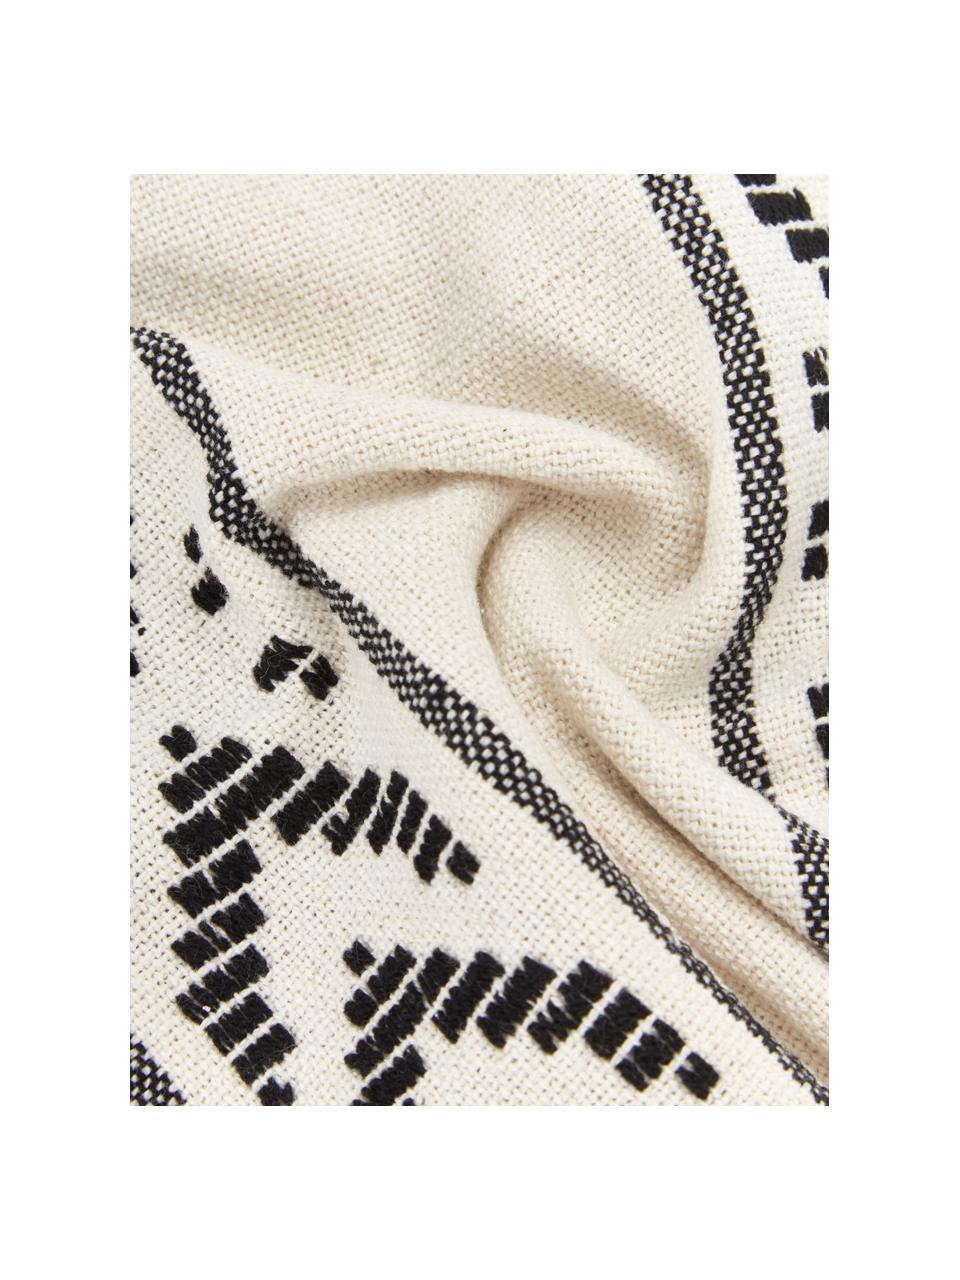 Baumwoll-Kissenhülle Okiro mit Kederumrandung und Quasten in Schwarz/Beige, 100% Baumwolle, Beige, Schwarz, 30 x 50 cm